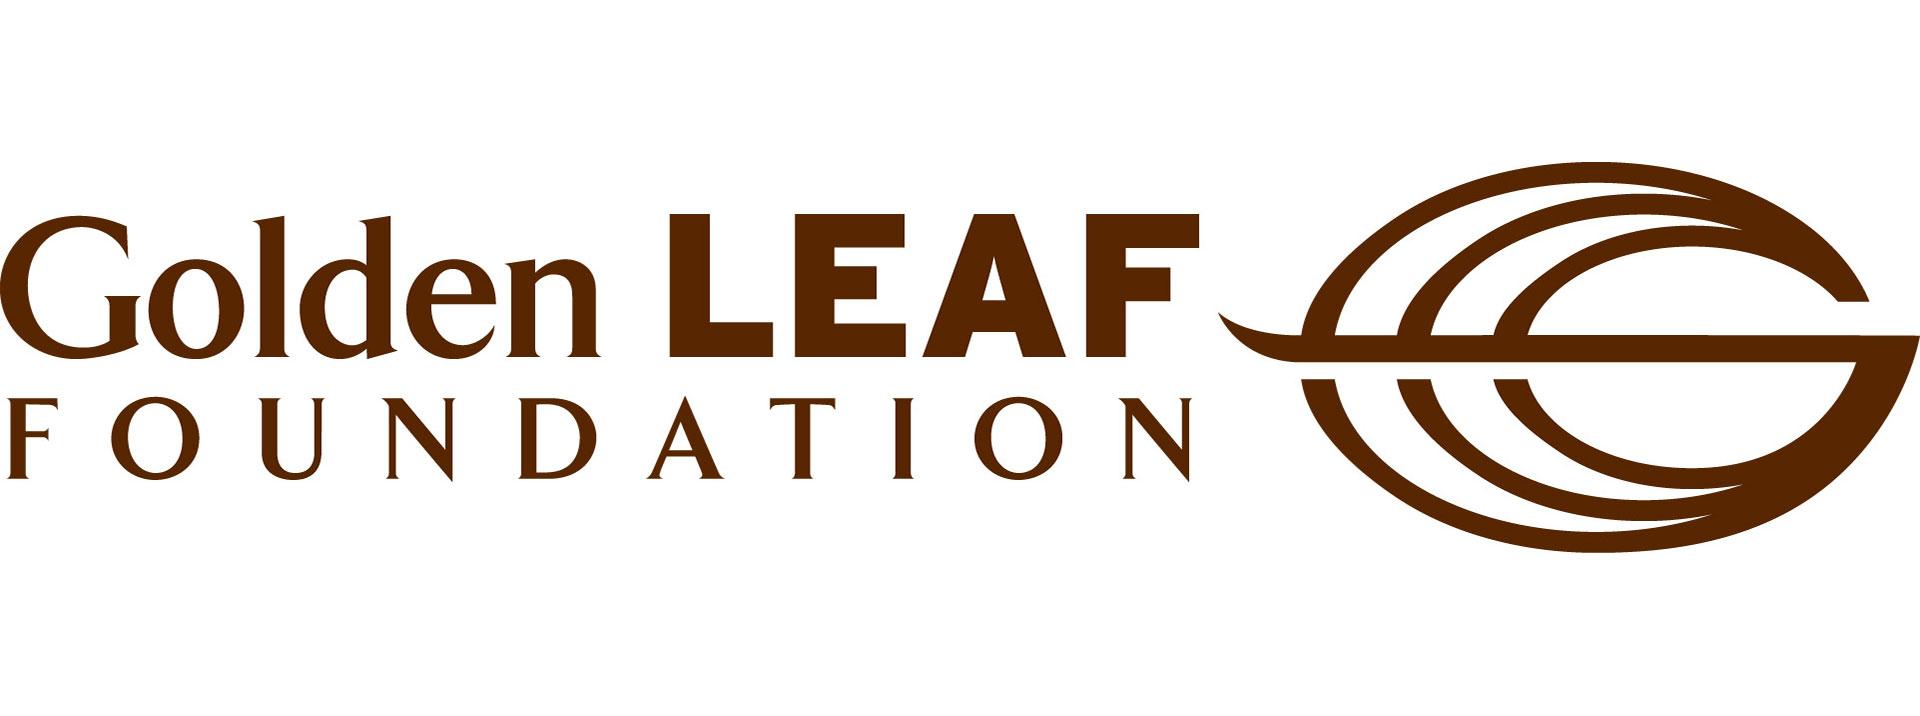 Golden LEAF Foundation,